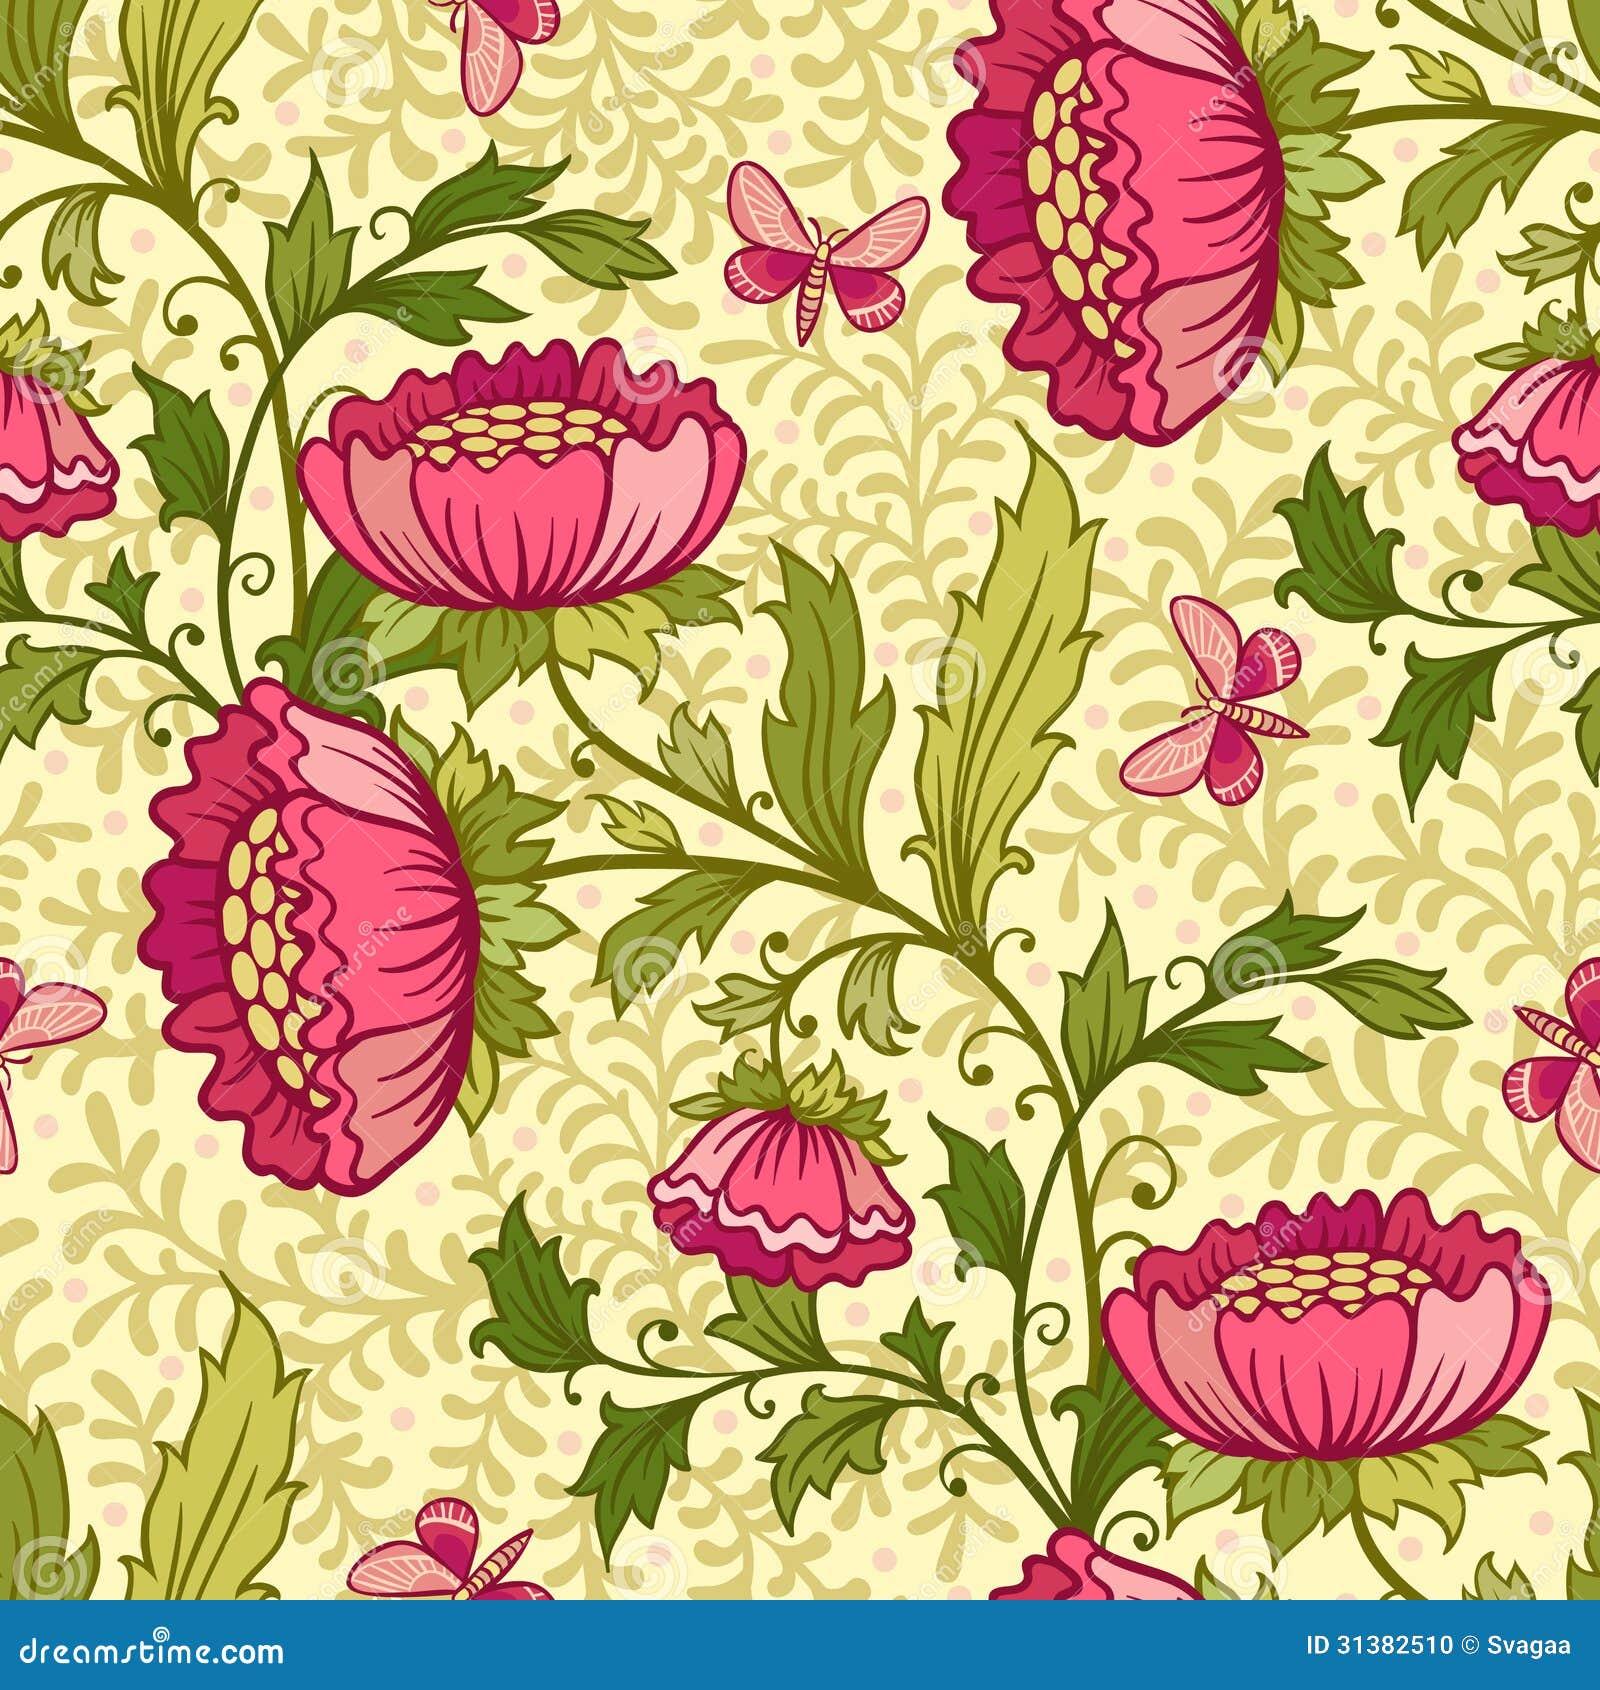 daisy wallpaper border